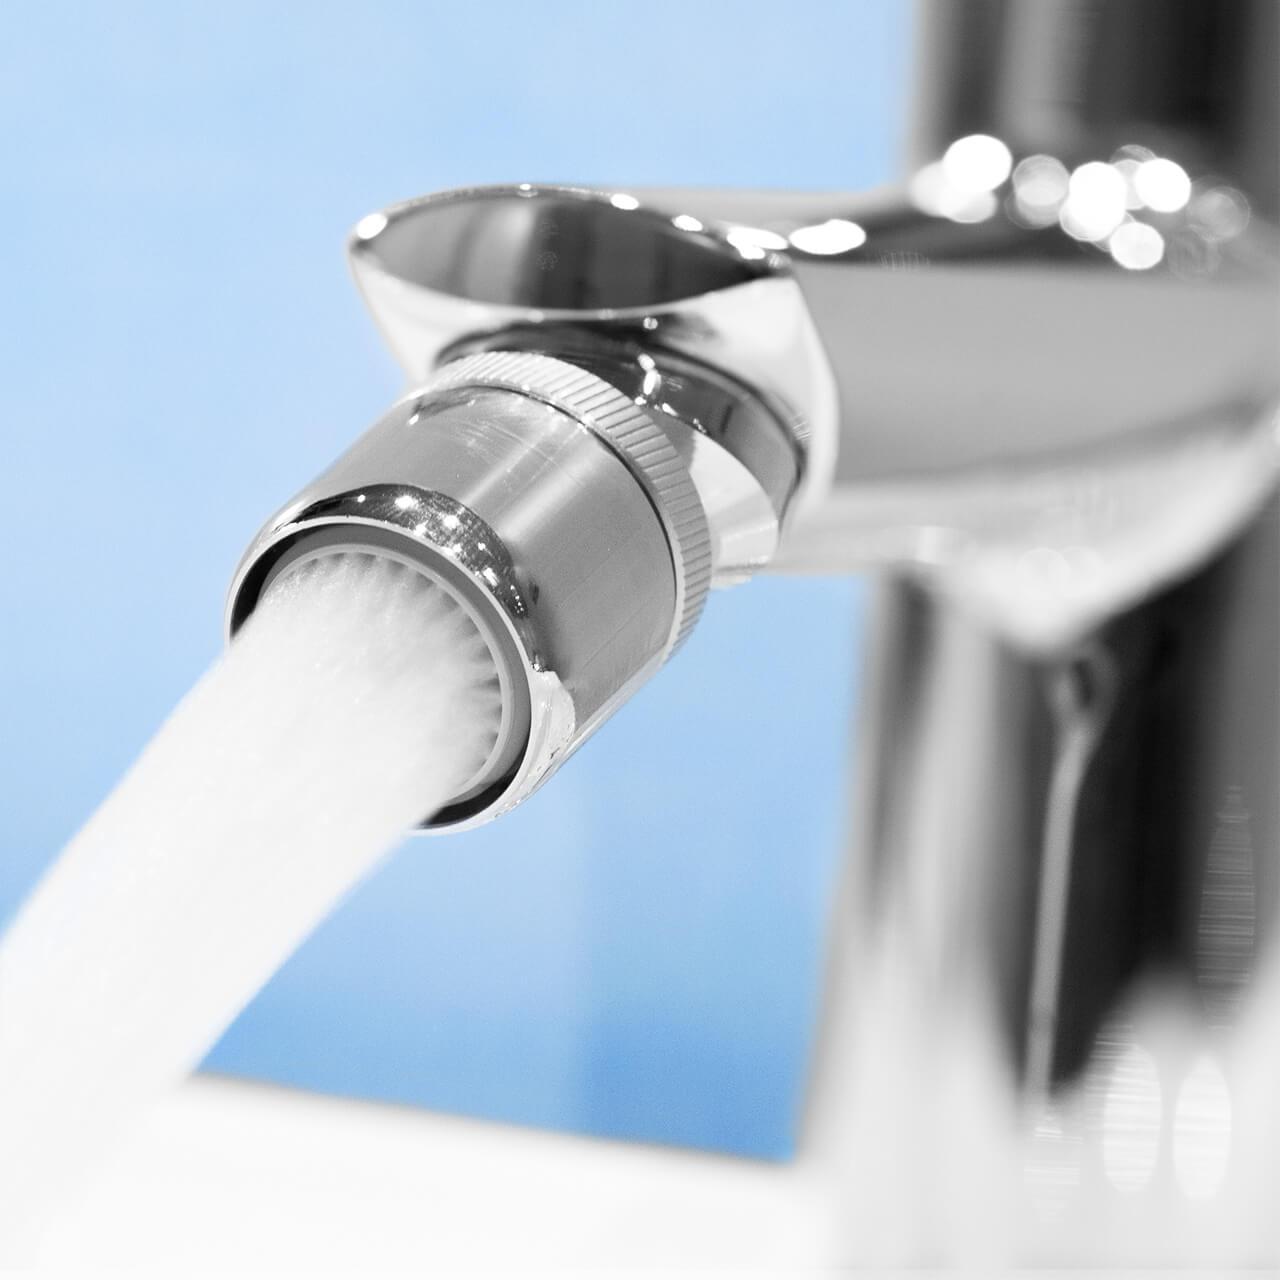 Aeratore per rubinetto con snodo EcoVand 4 l/min  - Filettatura